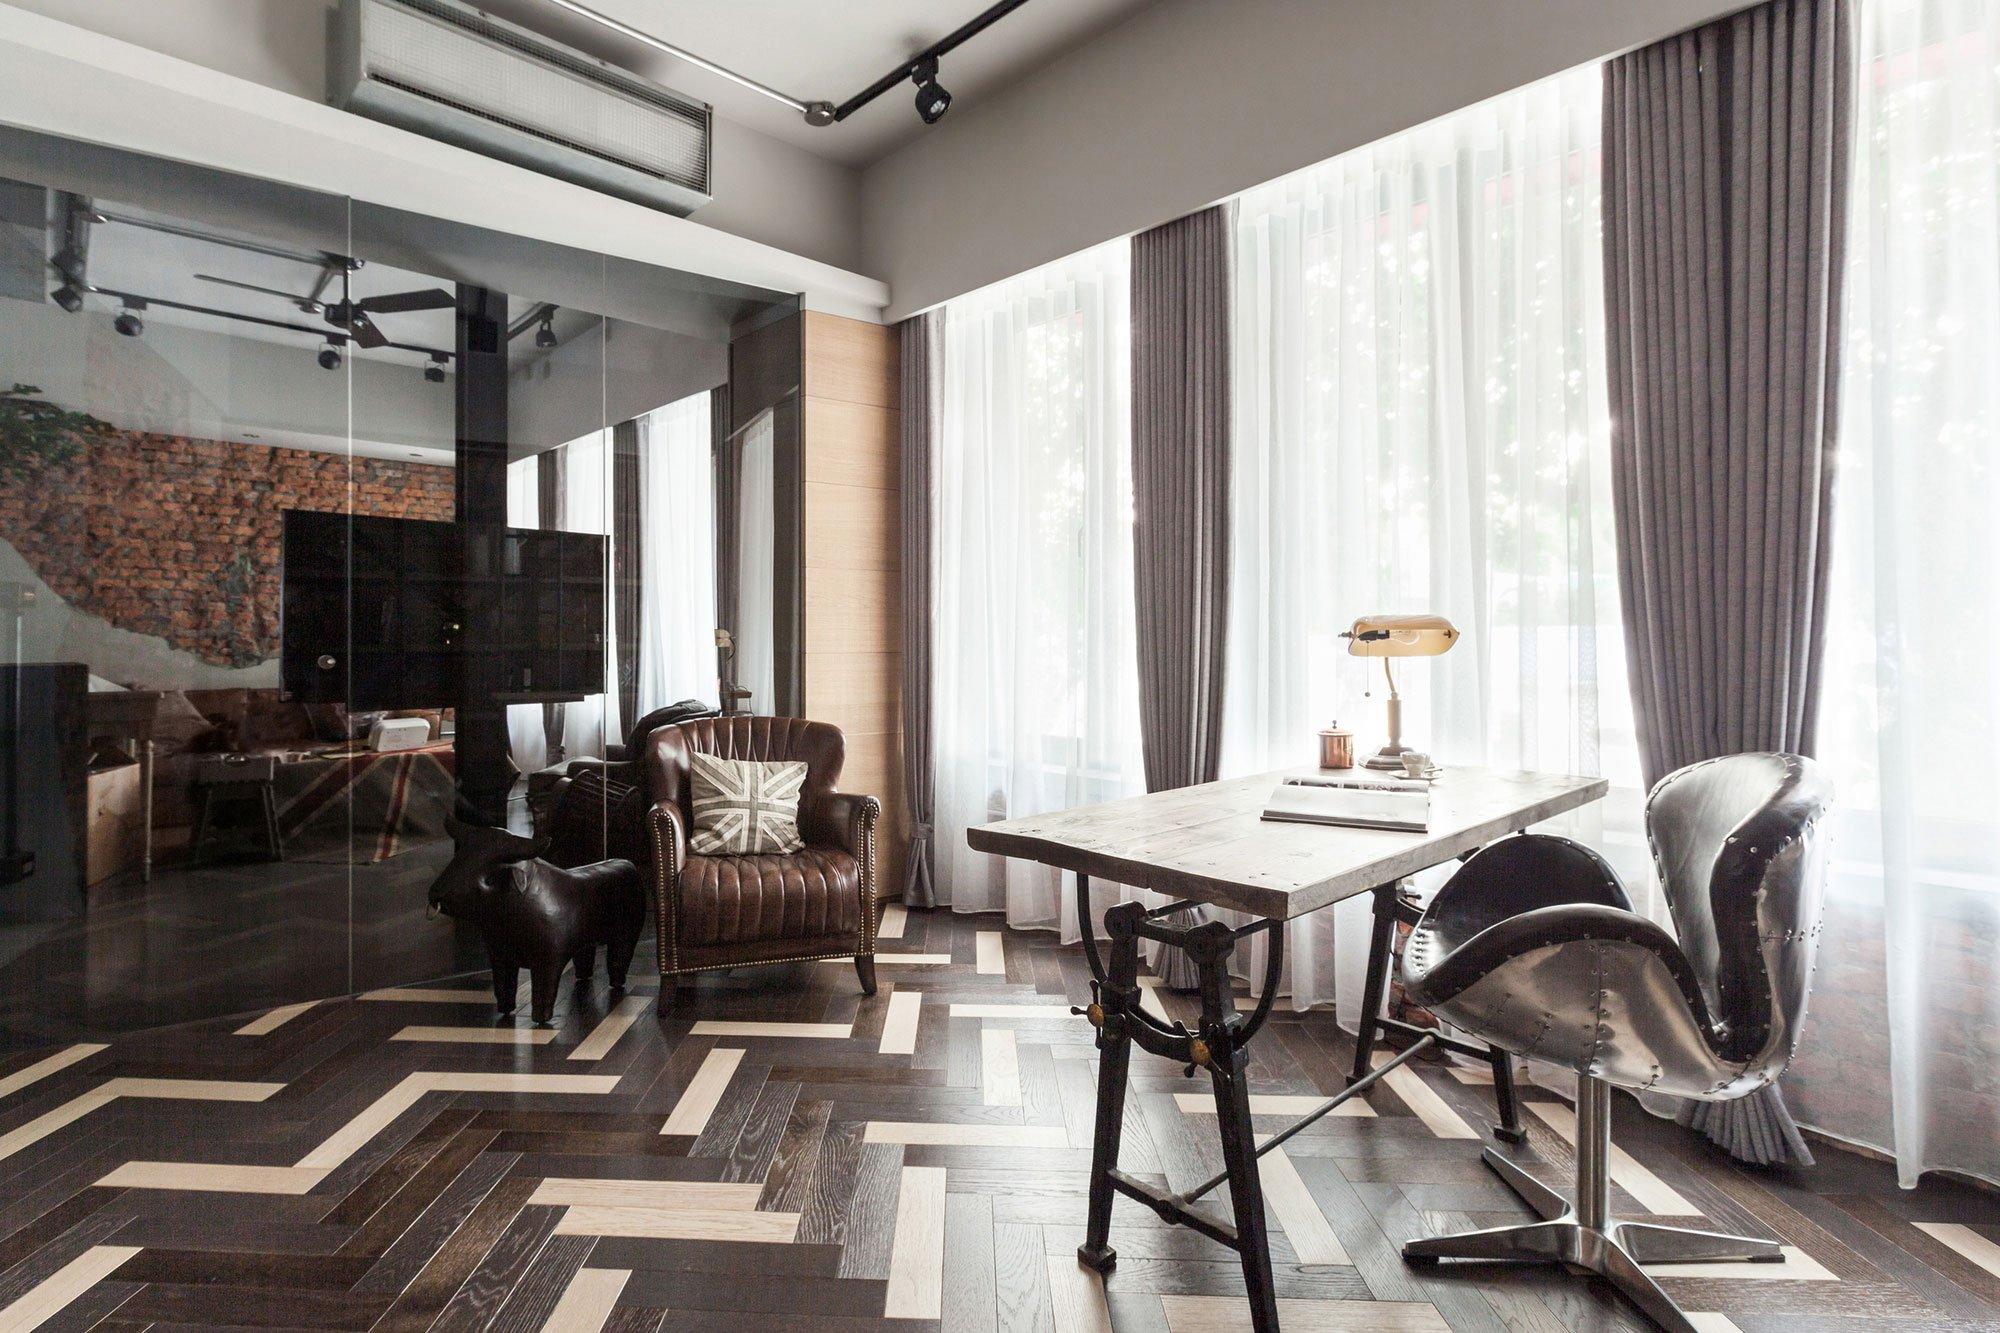 Apartment-Refurbishment-11